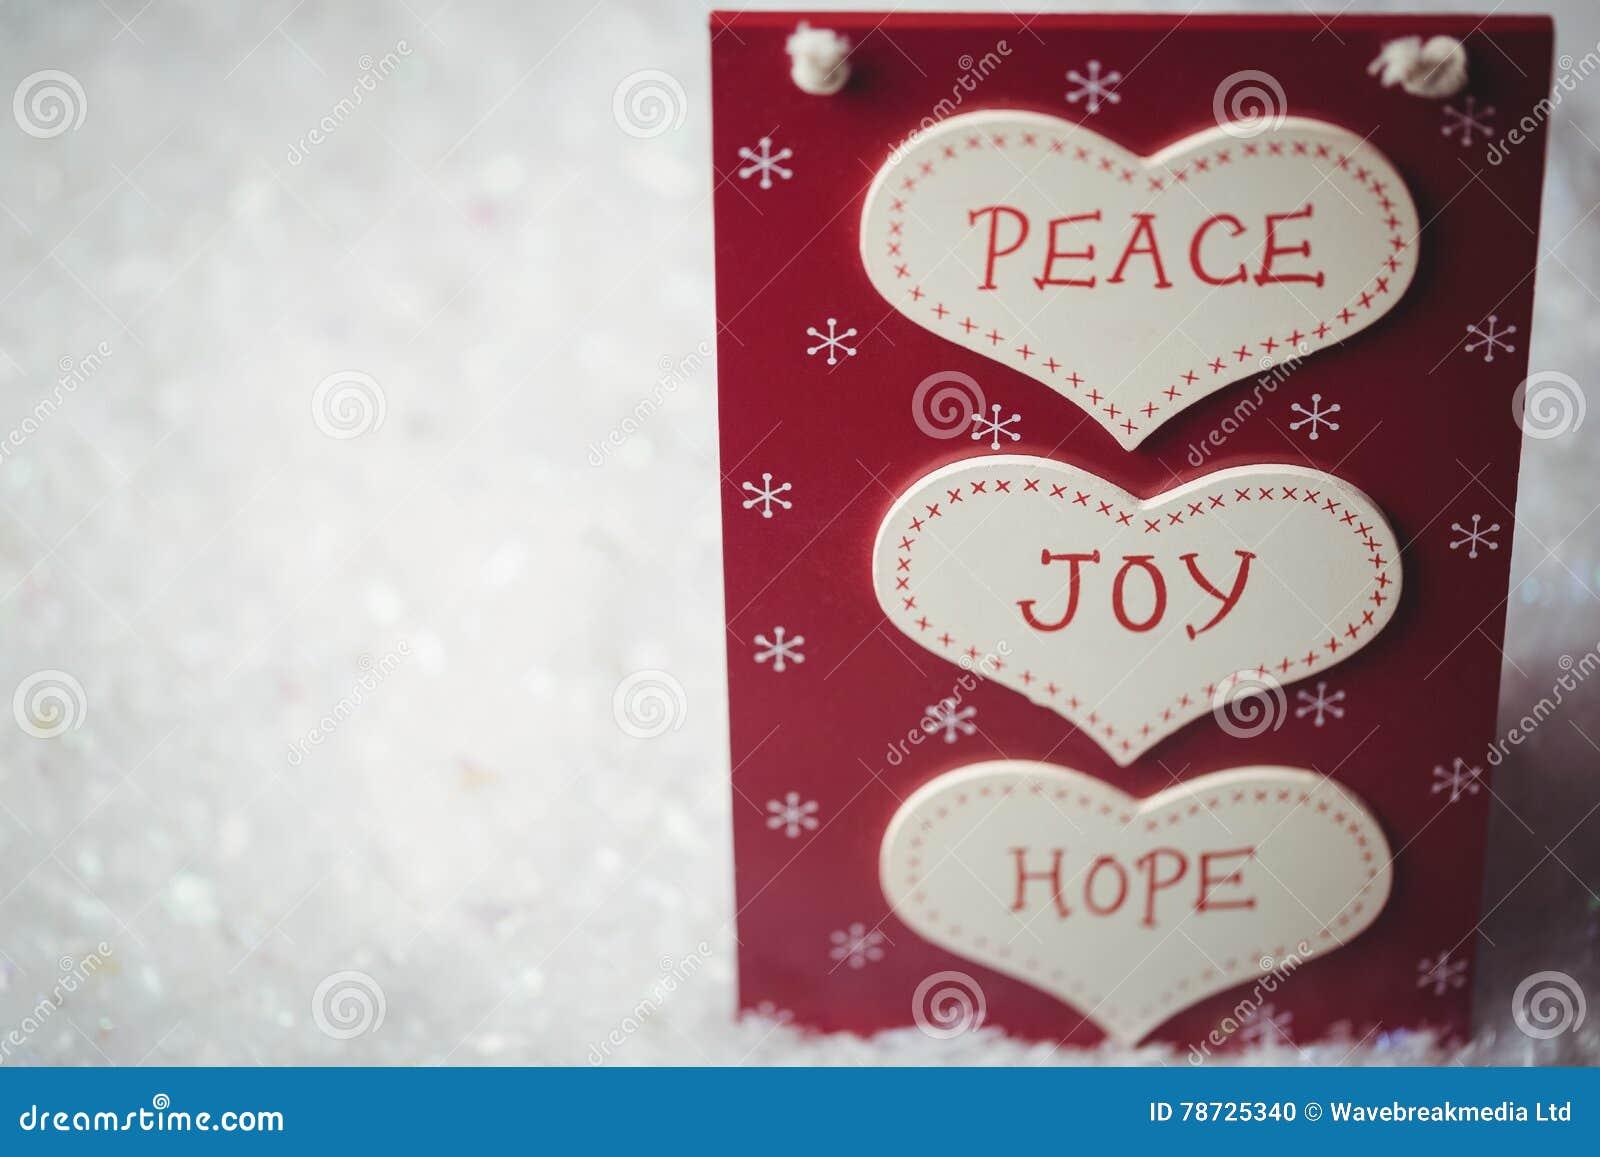 Jul märker med massager av fred, glädje och hopp